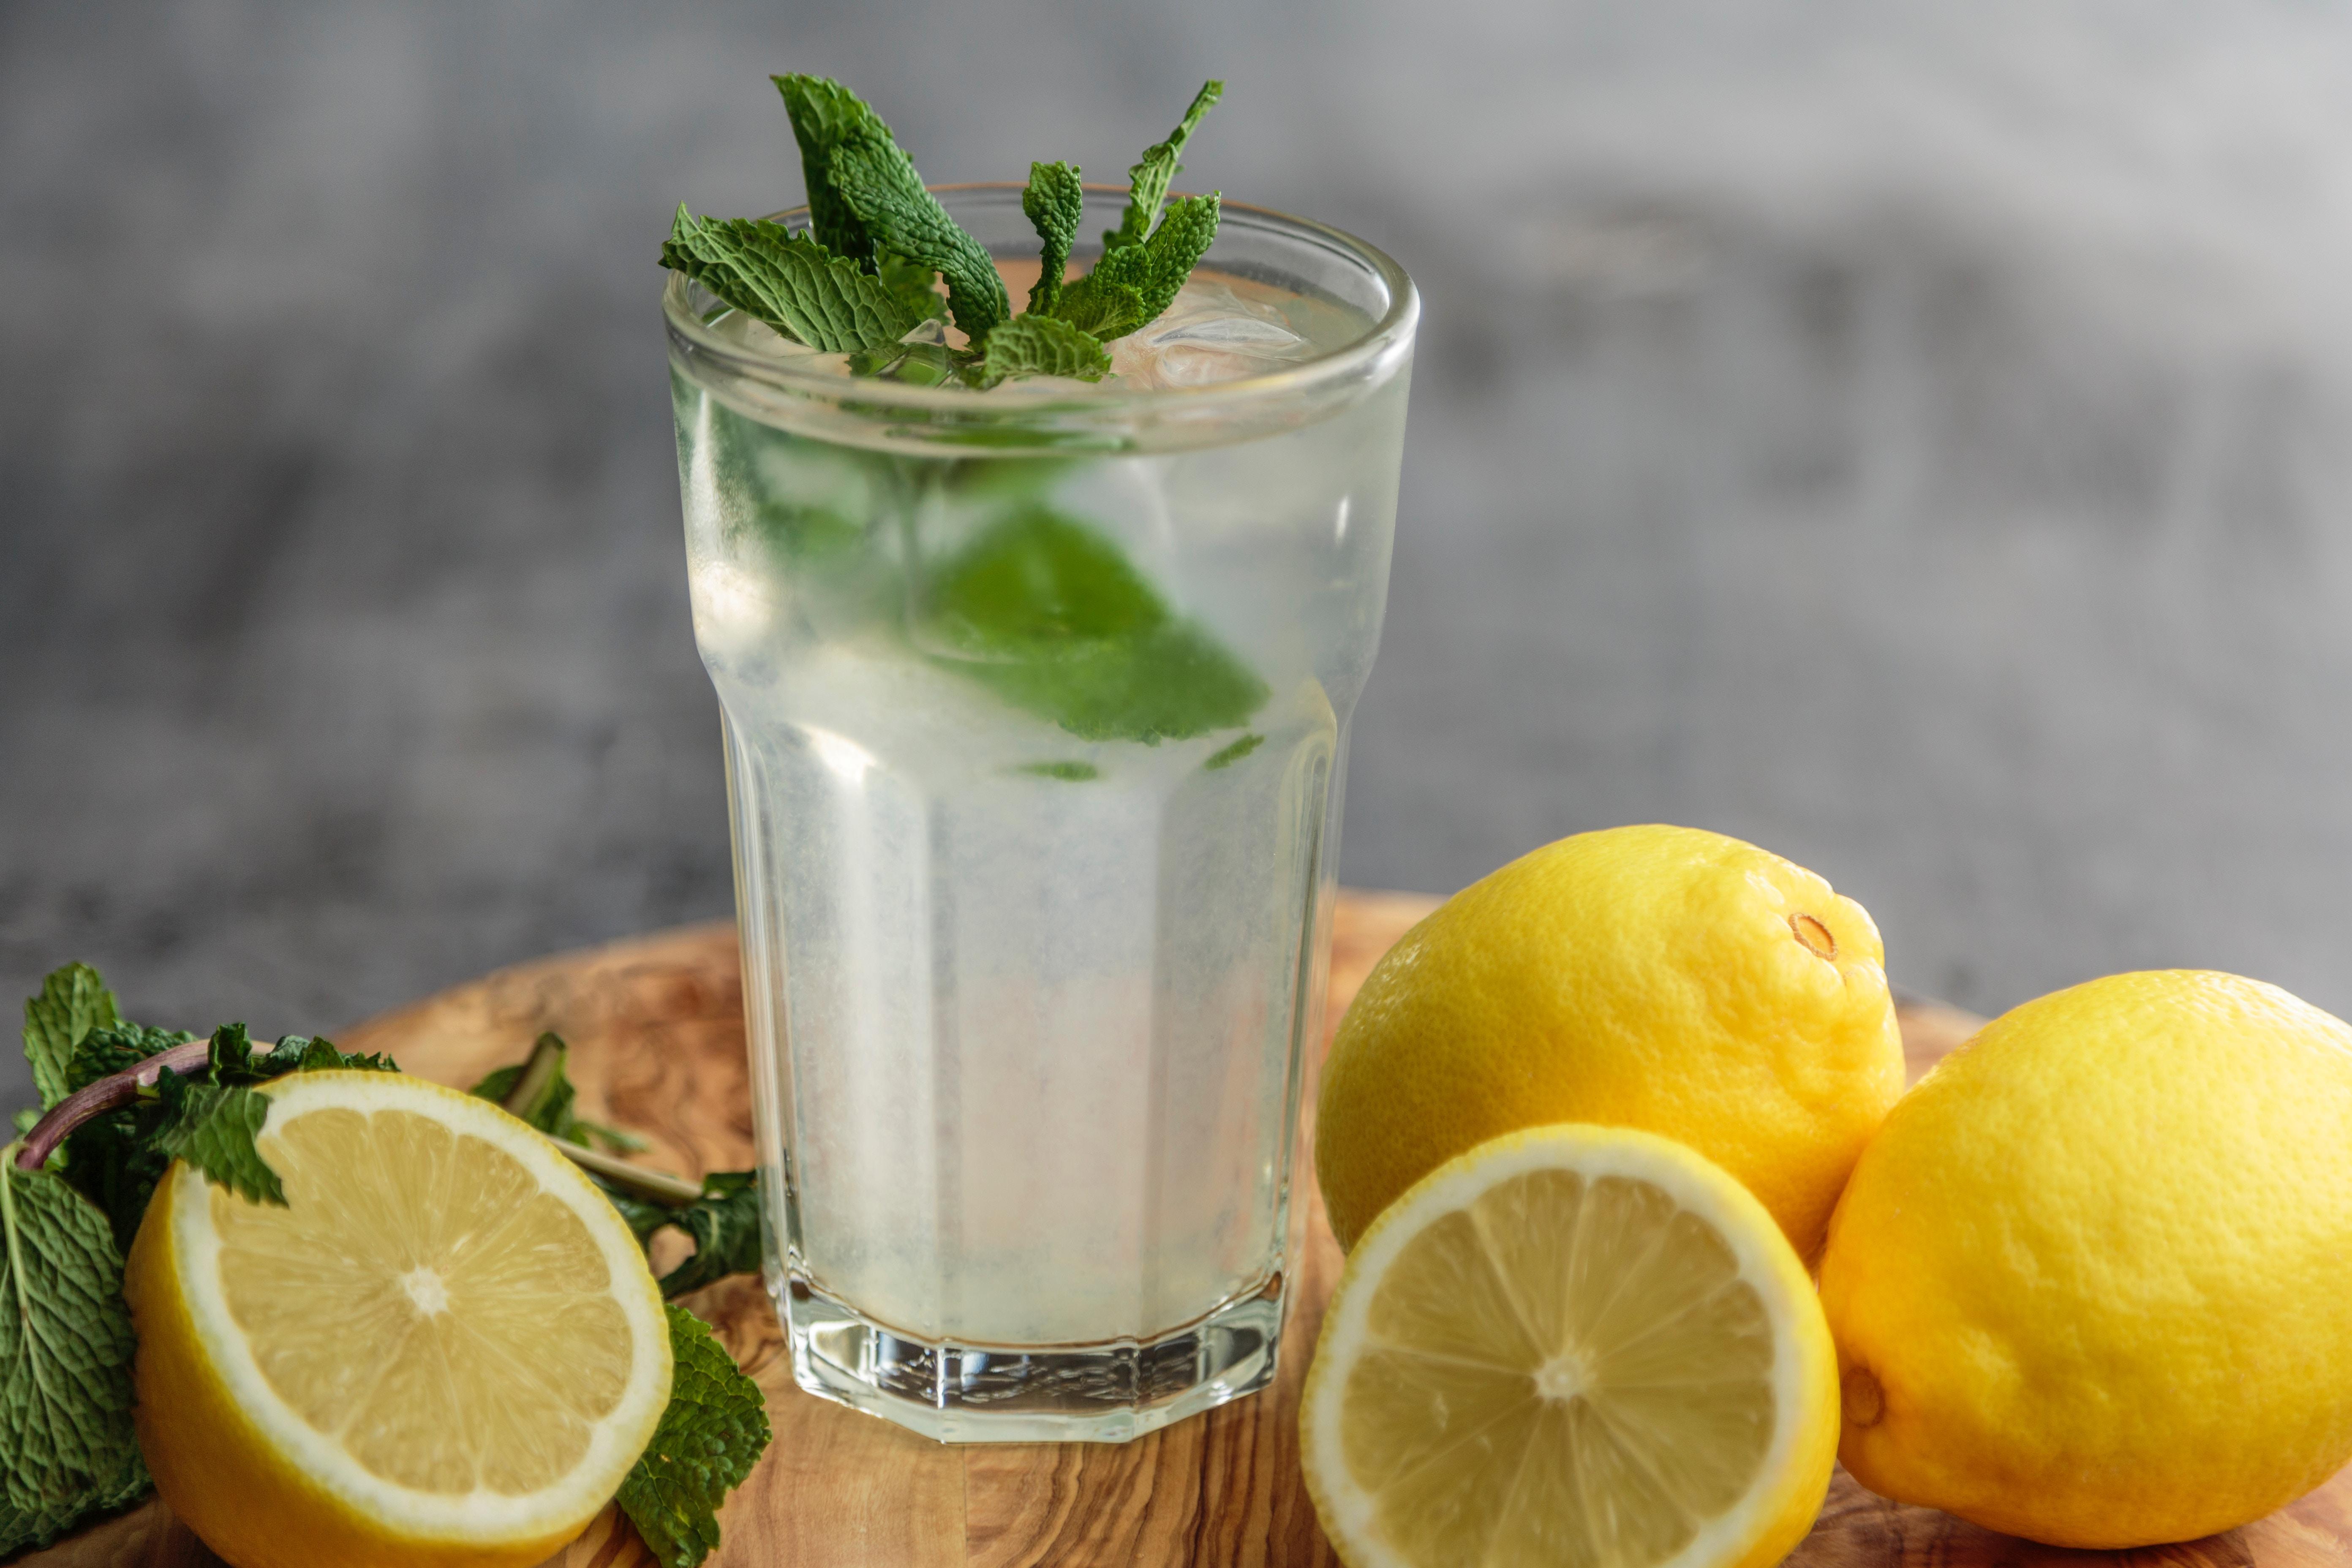 Limonlu Su İçmenin 10 Faydası